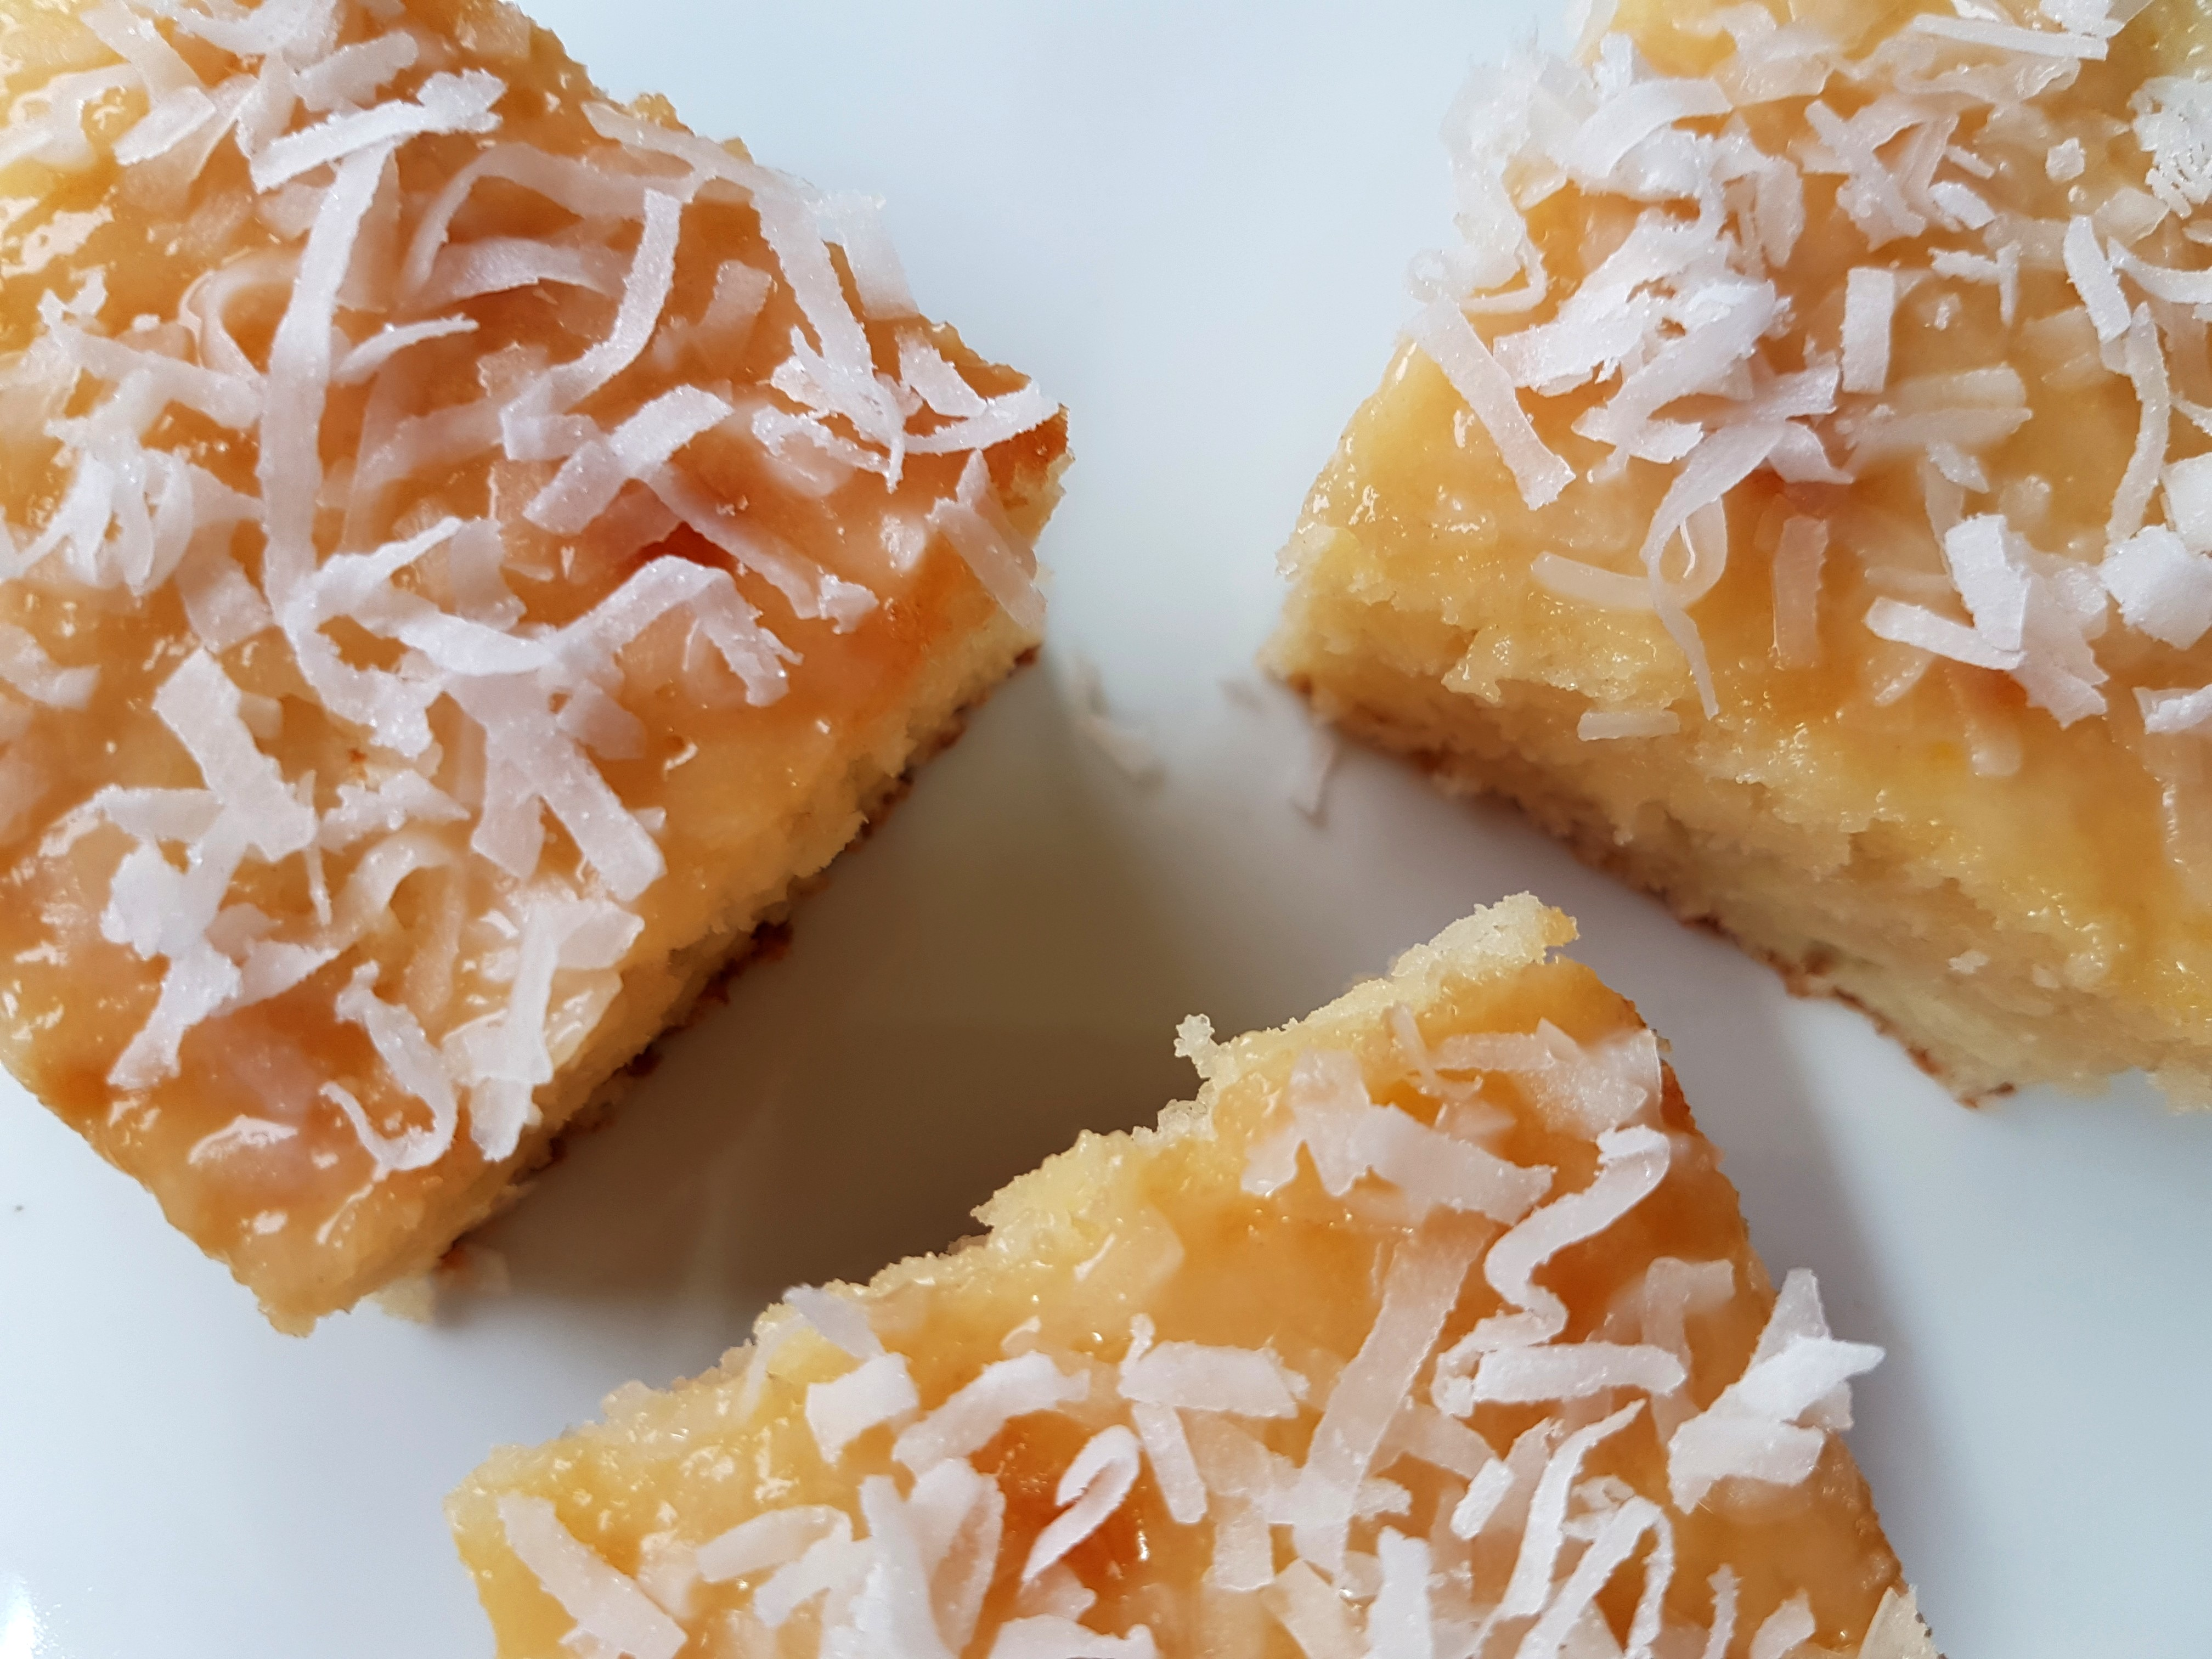 עוגת קוקוס וניל בלי מיקסר